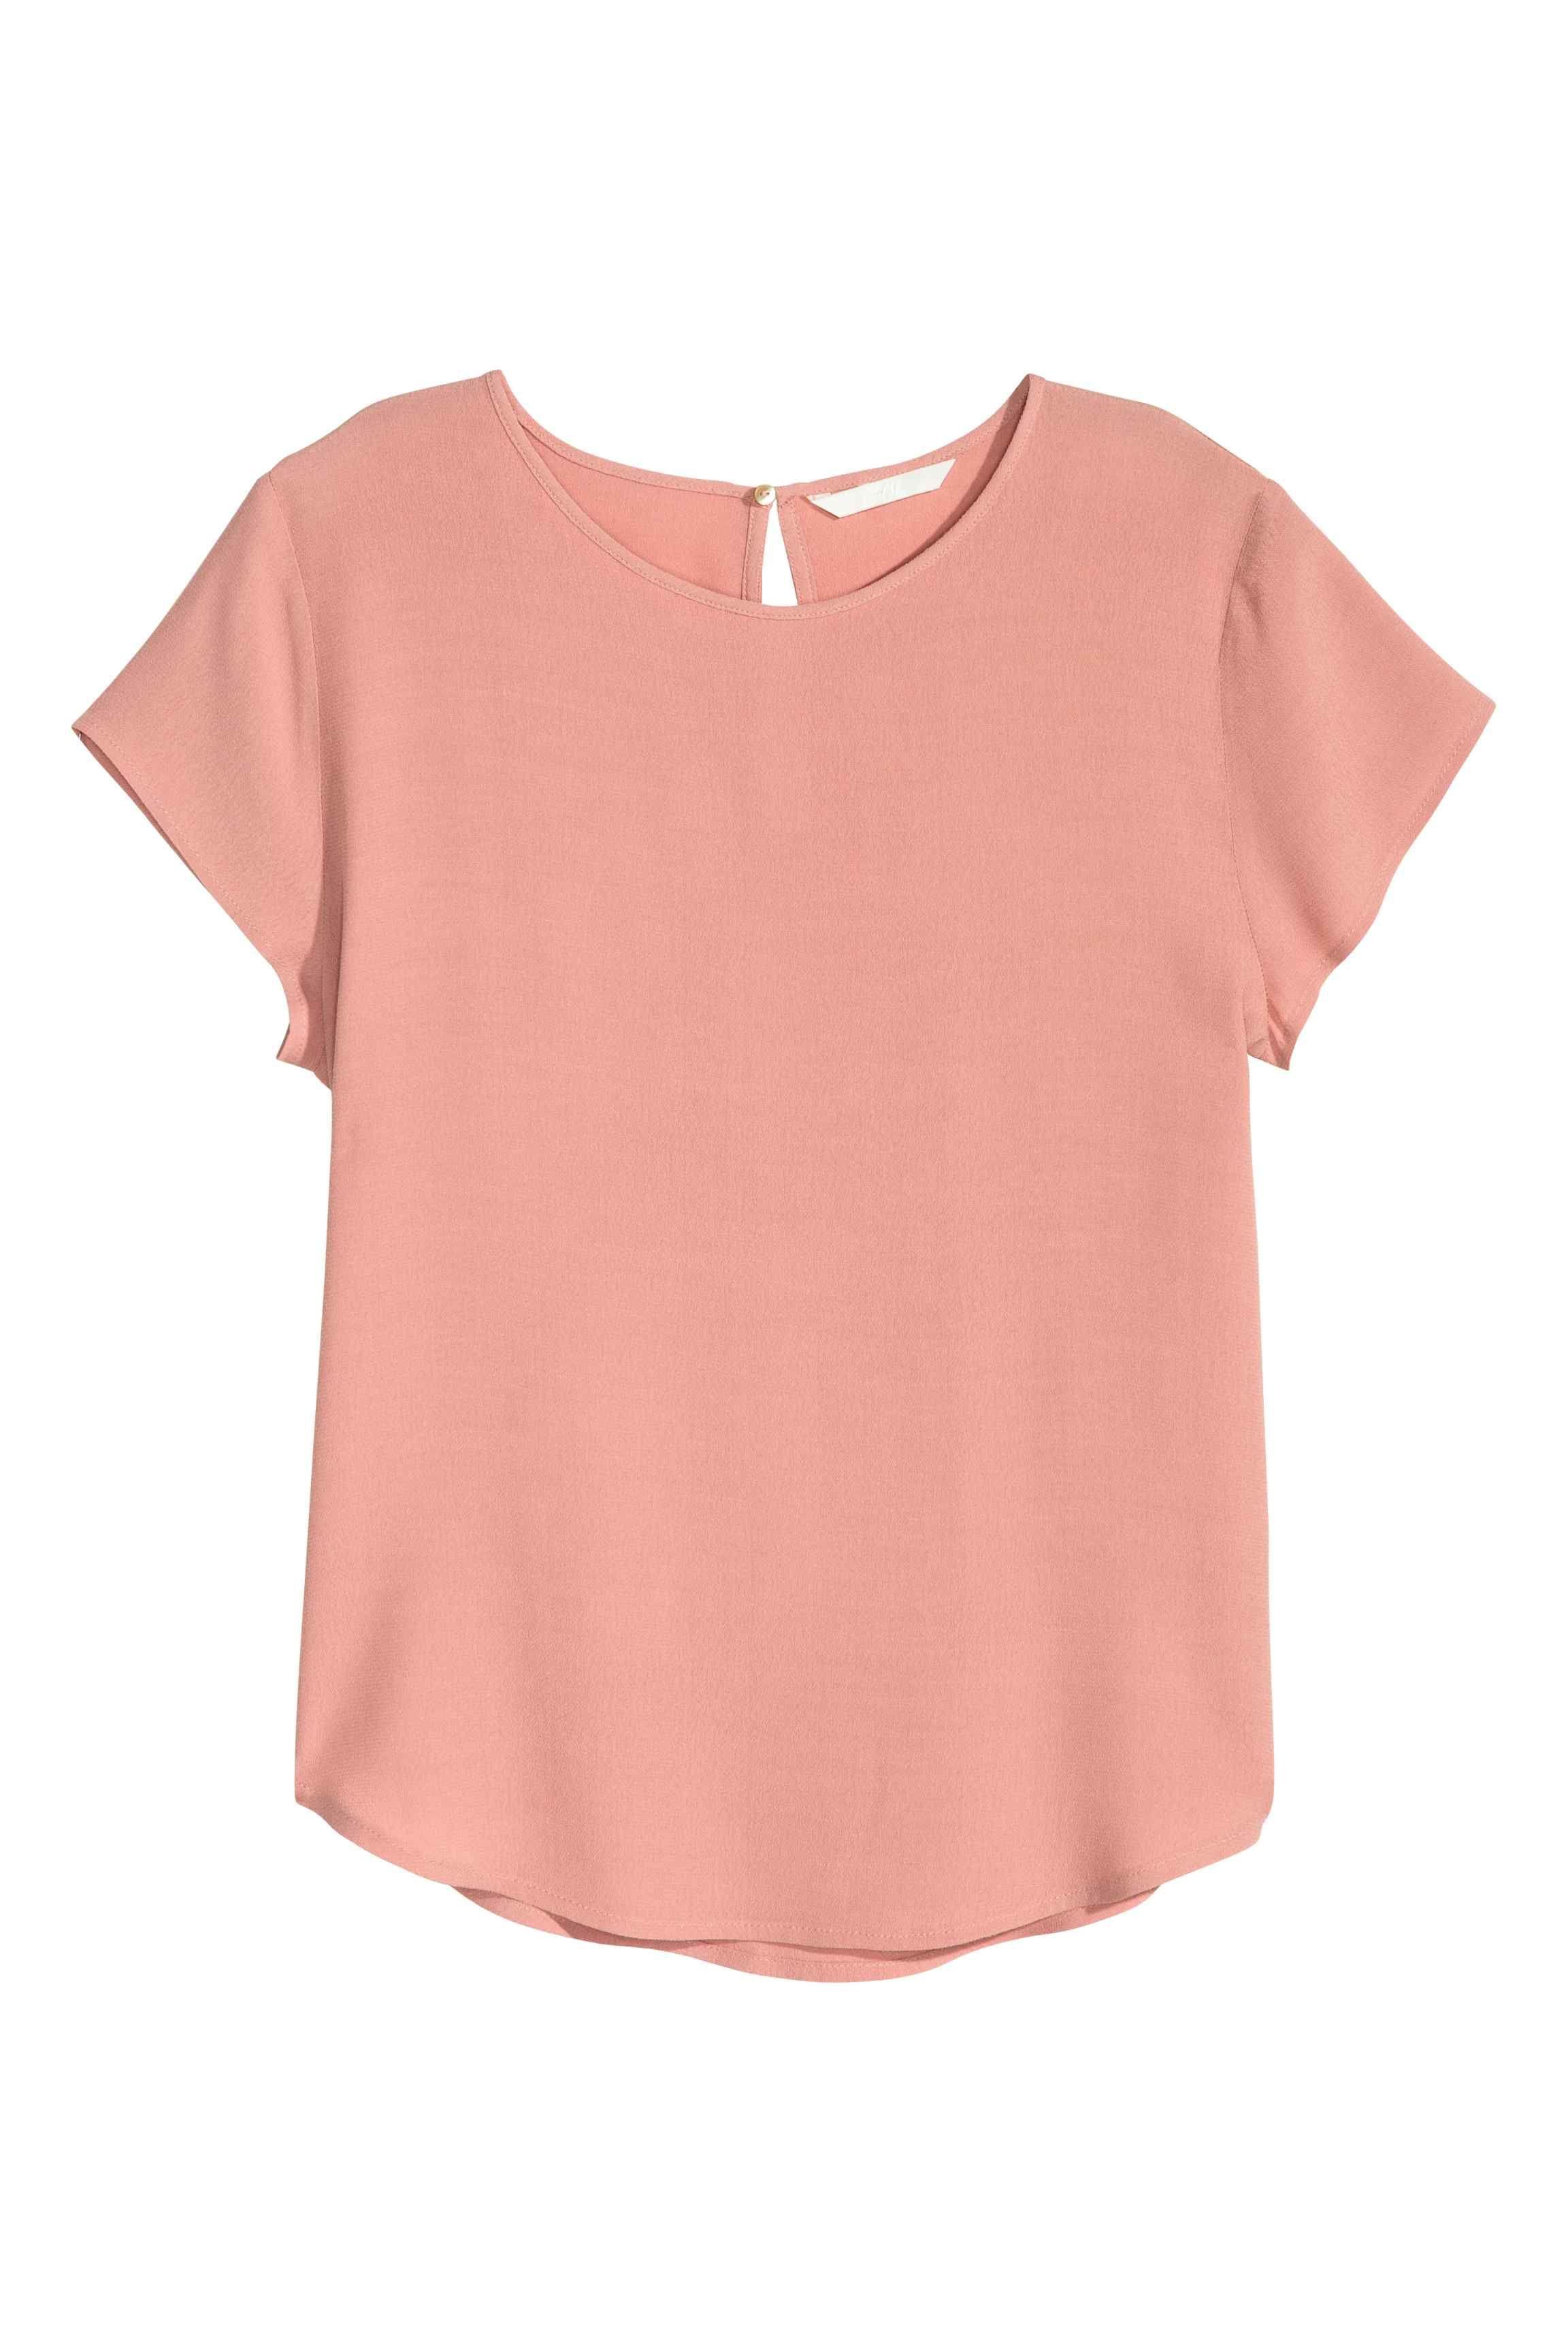 Blusa em crepe: Blusa de mangas curtas em tecido encrespado. Com abertura e  botão